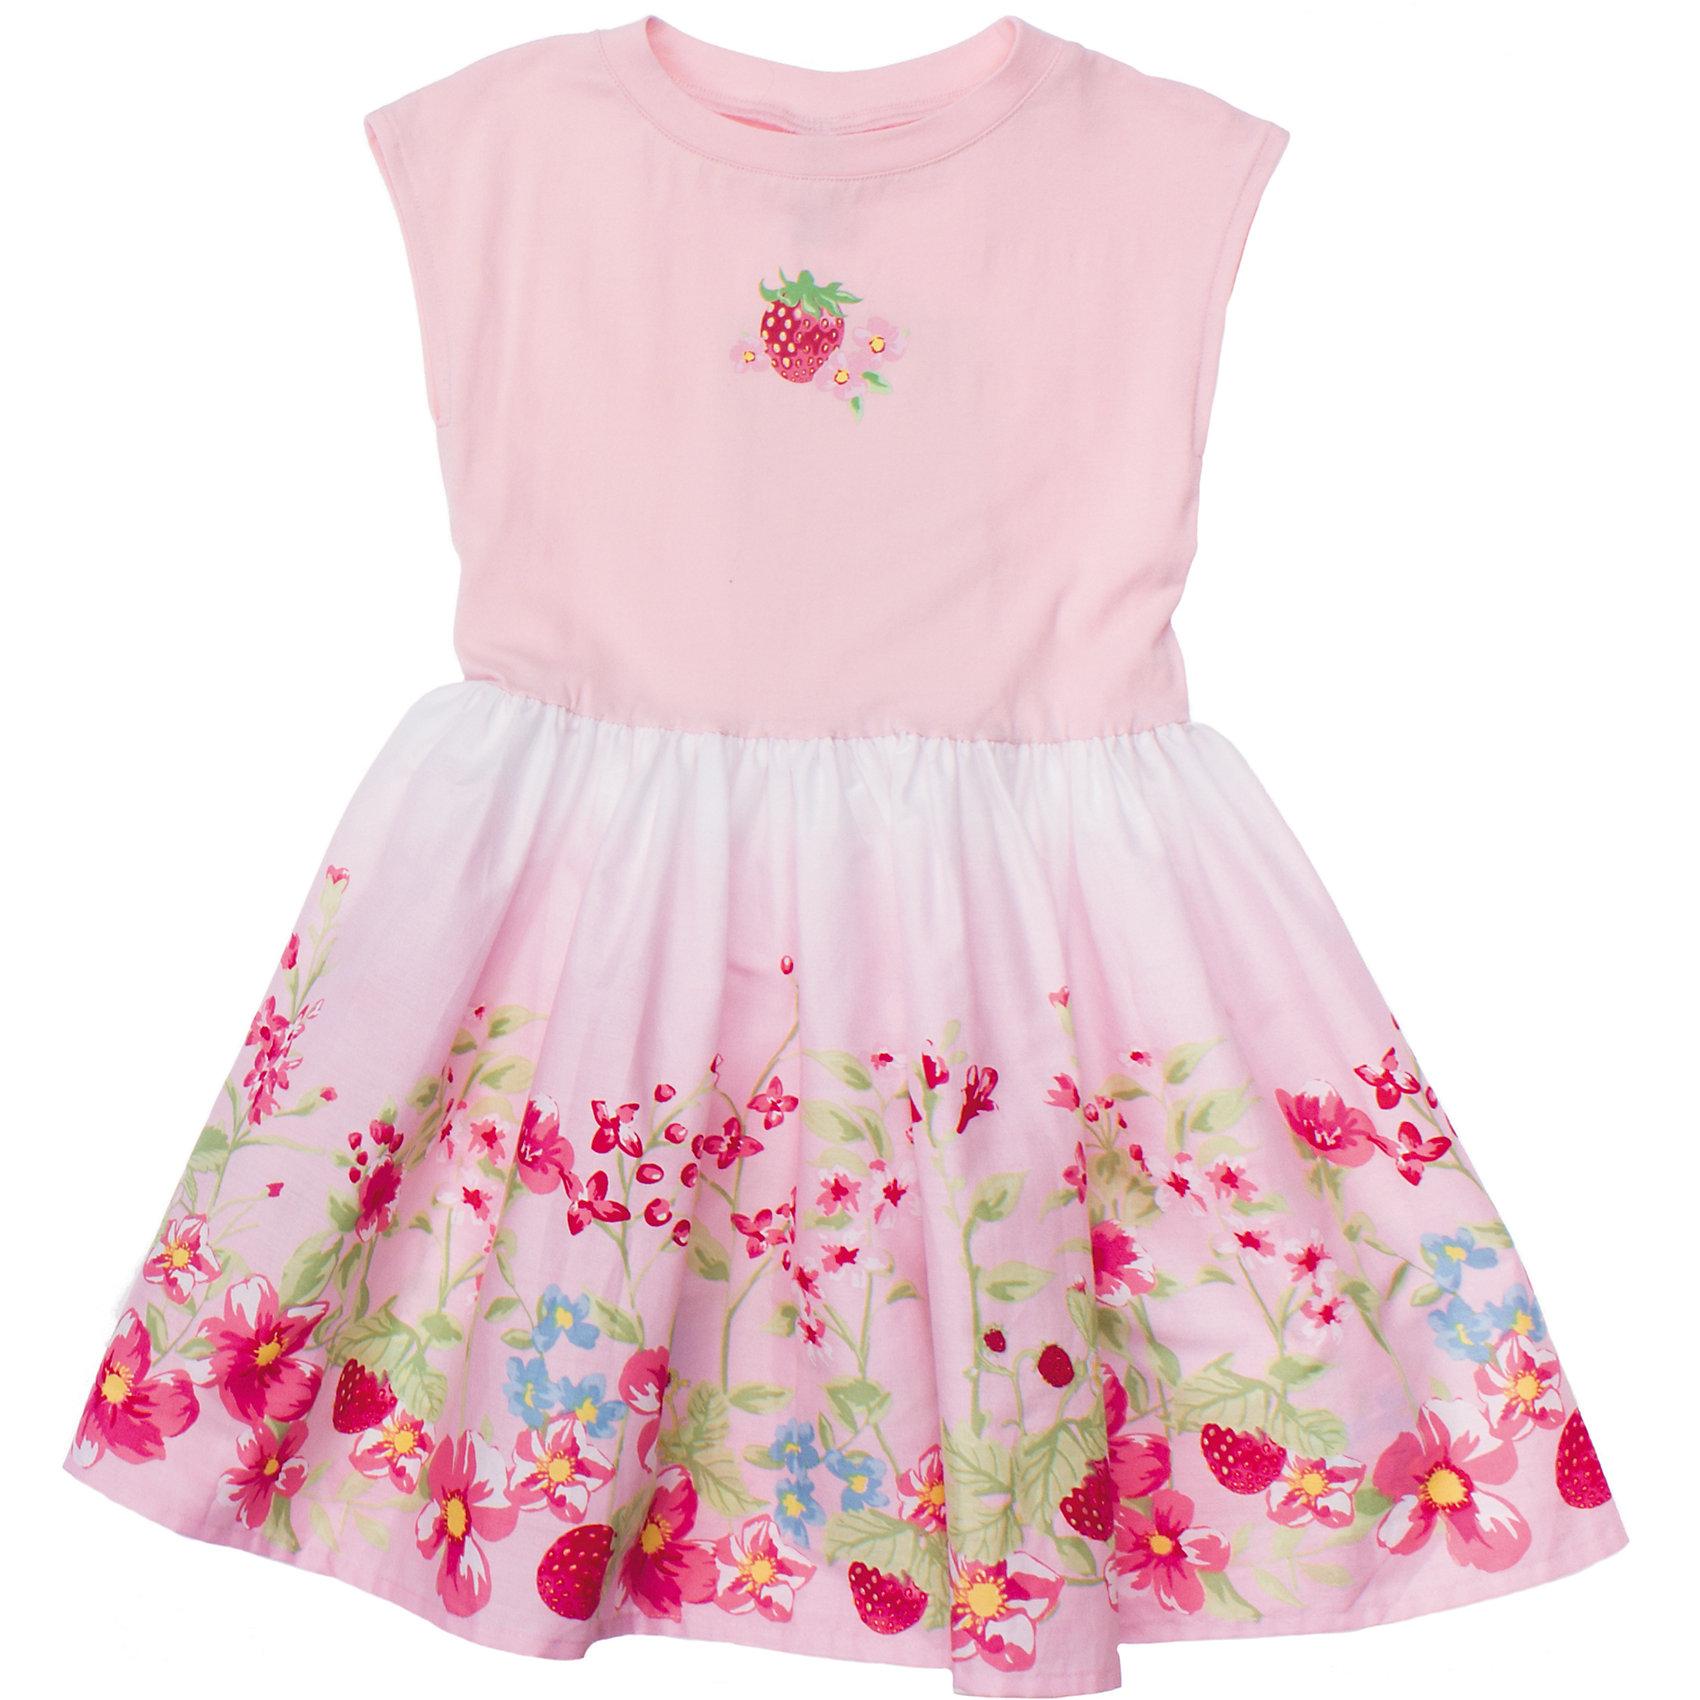 Платье PlayTodayМягкое хлопковое платье нежно-розового цвета. Украшено принтом с цветочками и ягодками. Есть поясок. Состав: Верх: 95% хлопок, 5% эластан; юбка: 100% хлопок<br><br>Ширина мм: 236<br>Глубина мм: 16<br>Высота мм: 184<br>Вес г: 177<br>Цвет: белый<br>Возраст от месяцев: 36<br>Возраст до месяцев: 48<br>Пол: Женский<br>Возраст: Детский<br>Размер: 104,98,116,128,122,110<br>SKU: 4652609